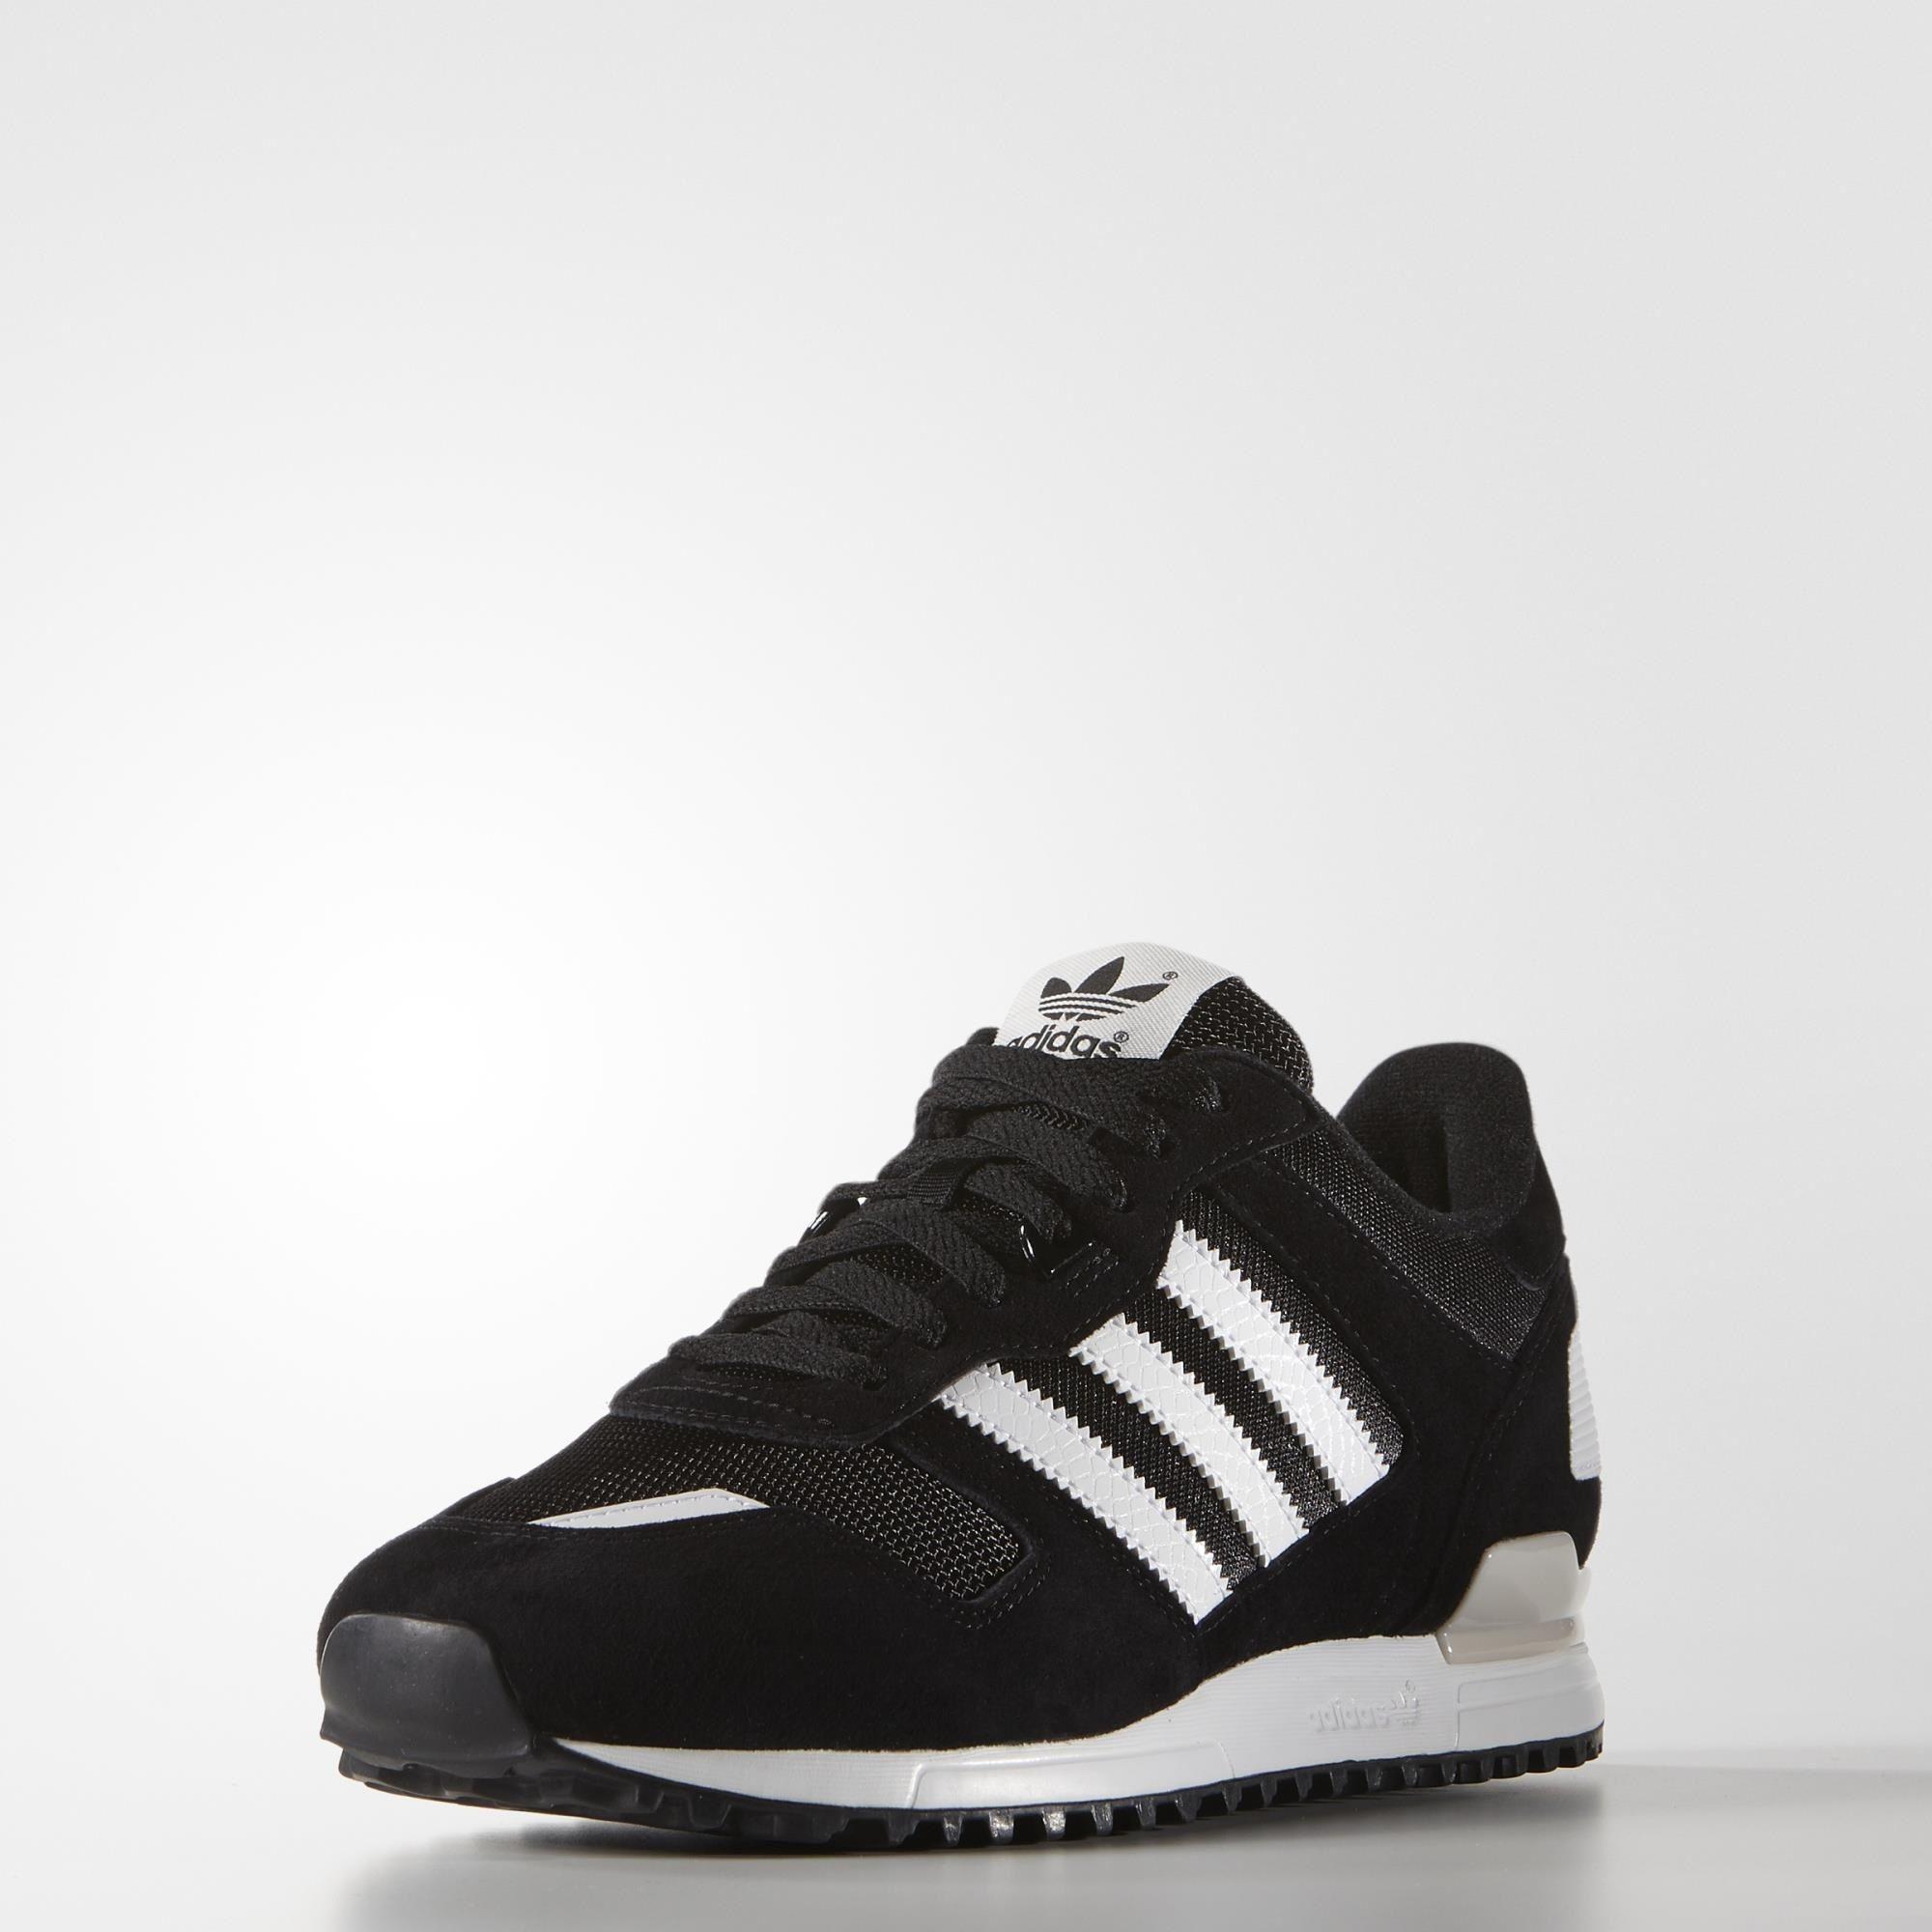 zapatillas casual de hombre originals zx 700 adidas